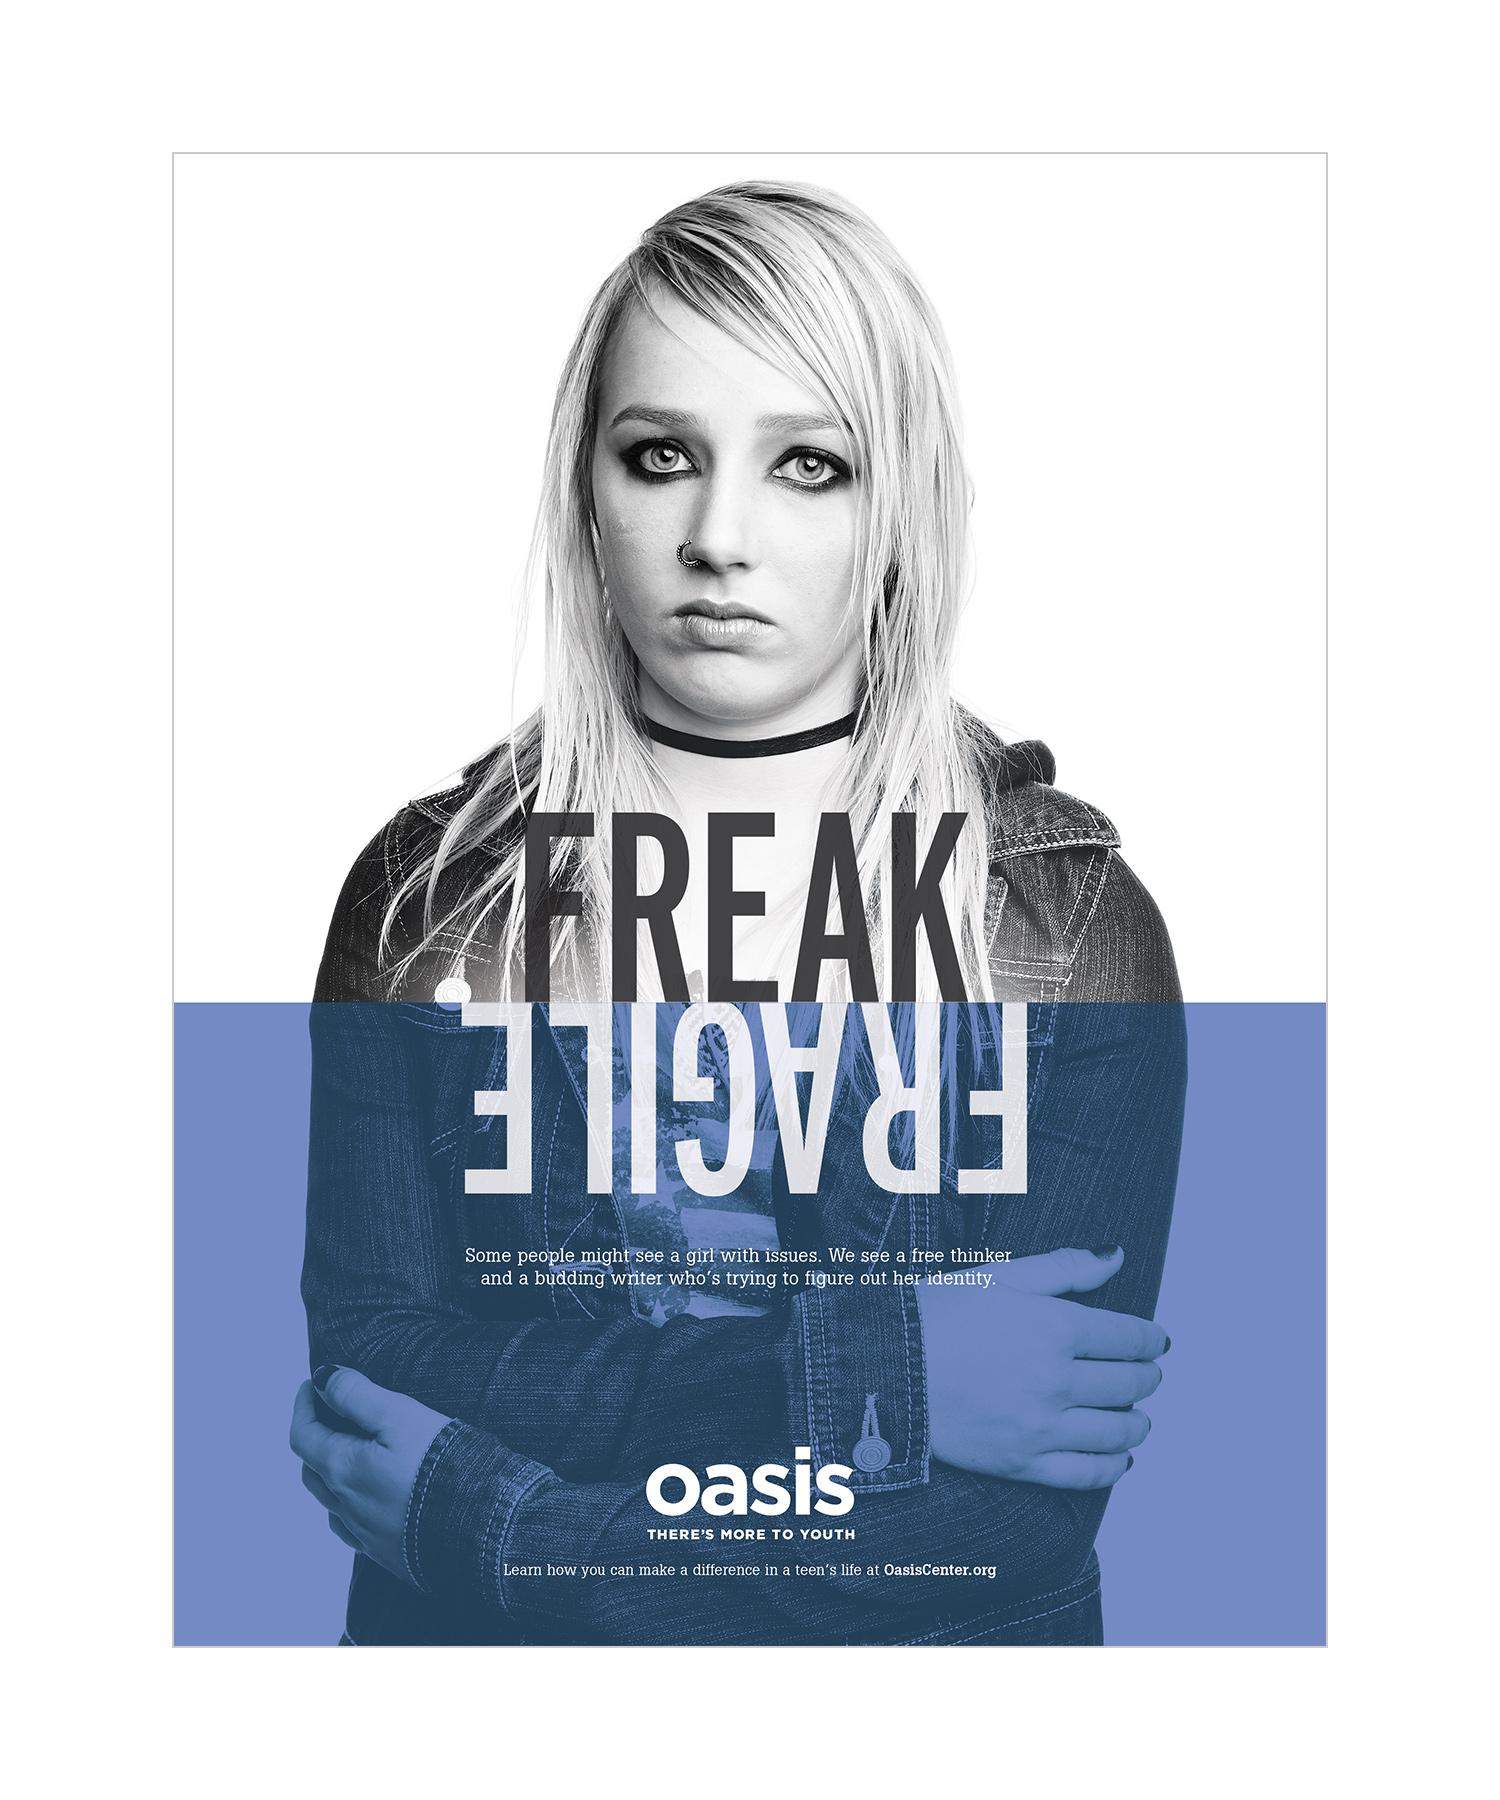 Oasis-3.jpg